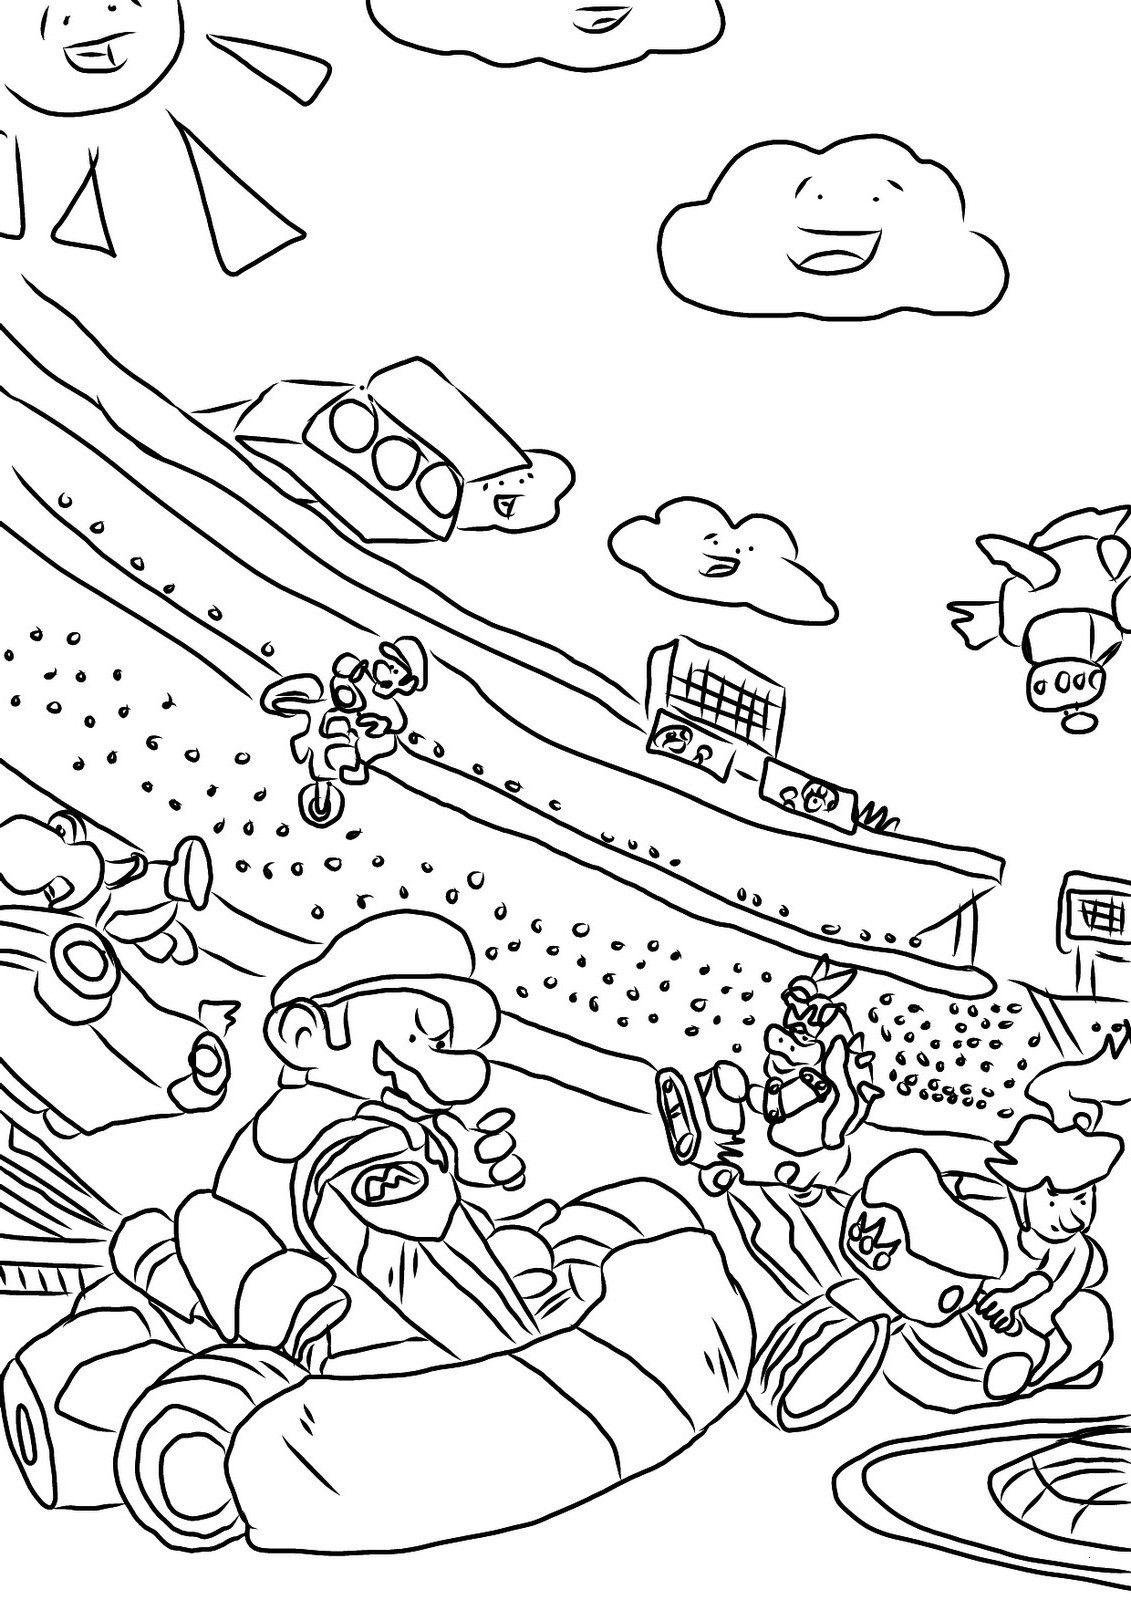 99 Das Beste Von Ausmalbild Super Mario Sammlung Ausmalbild Dinosaurier Ausmalbilder Kinder Bilder